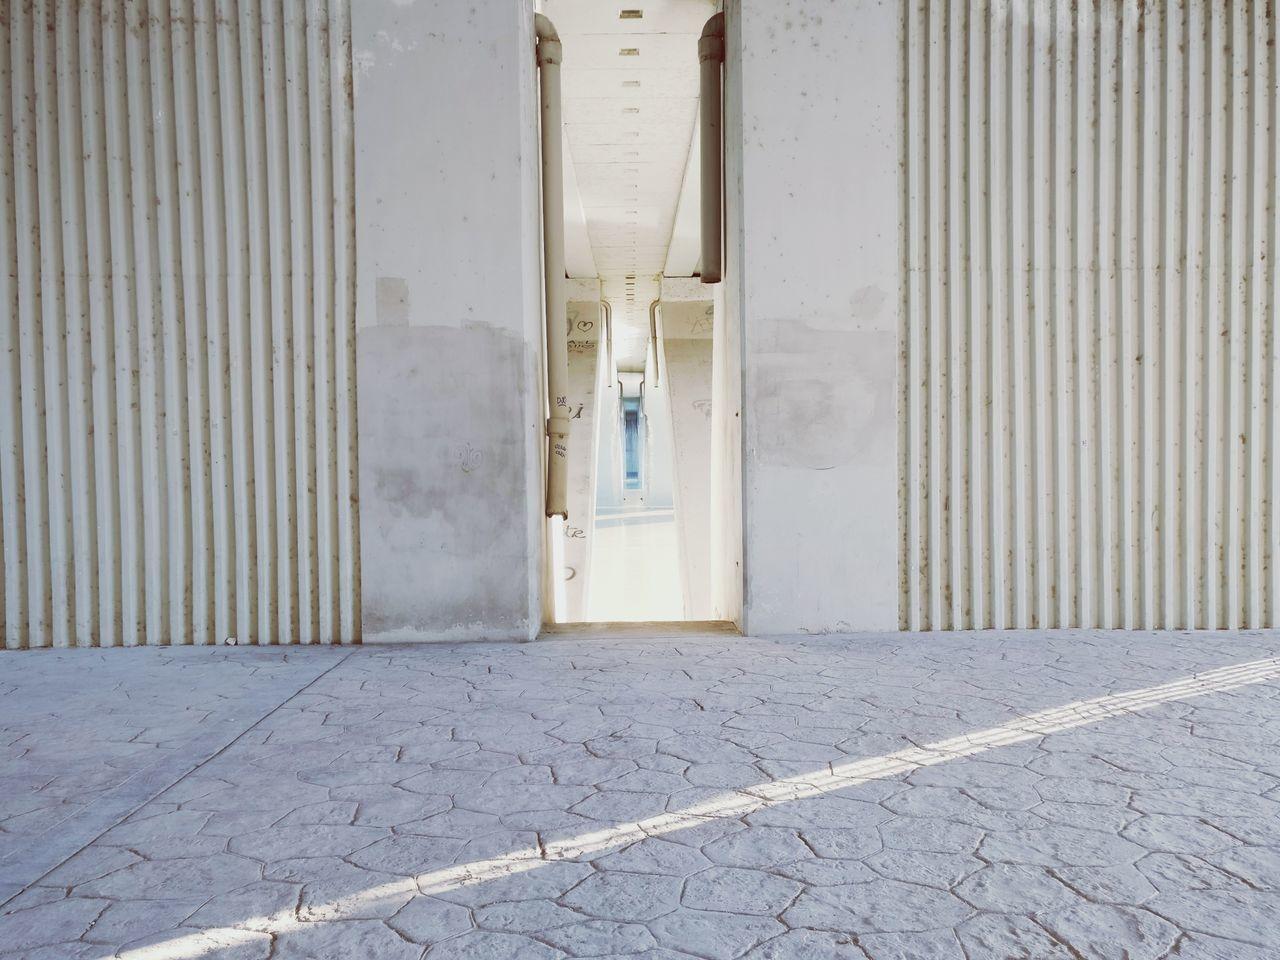 door, no people, doorway, day, open door, indoors, architecture